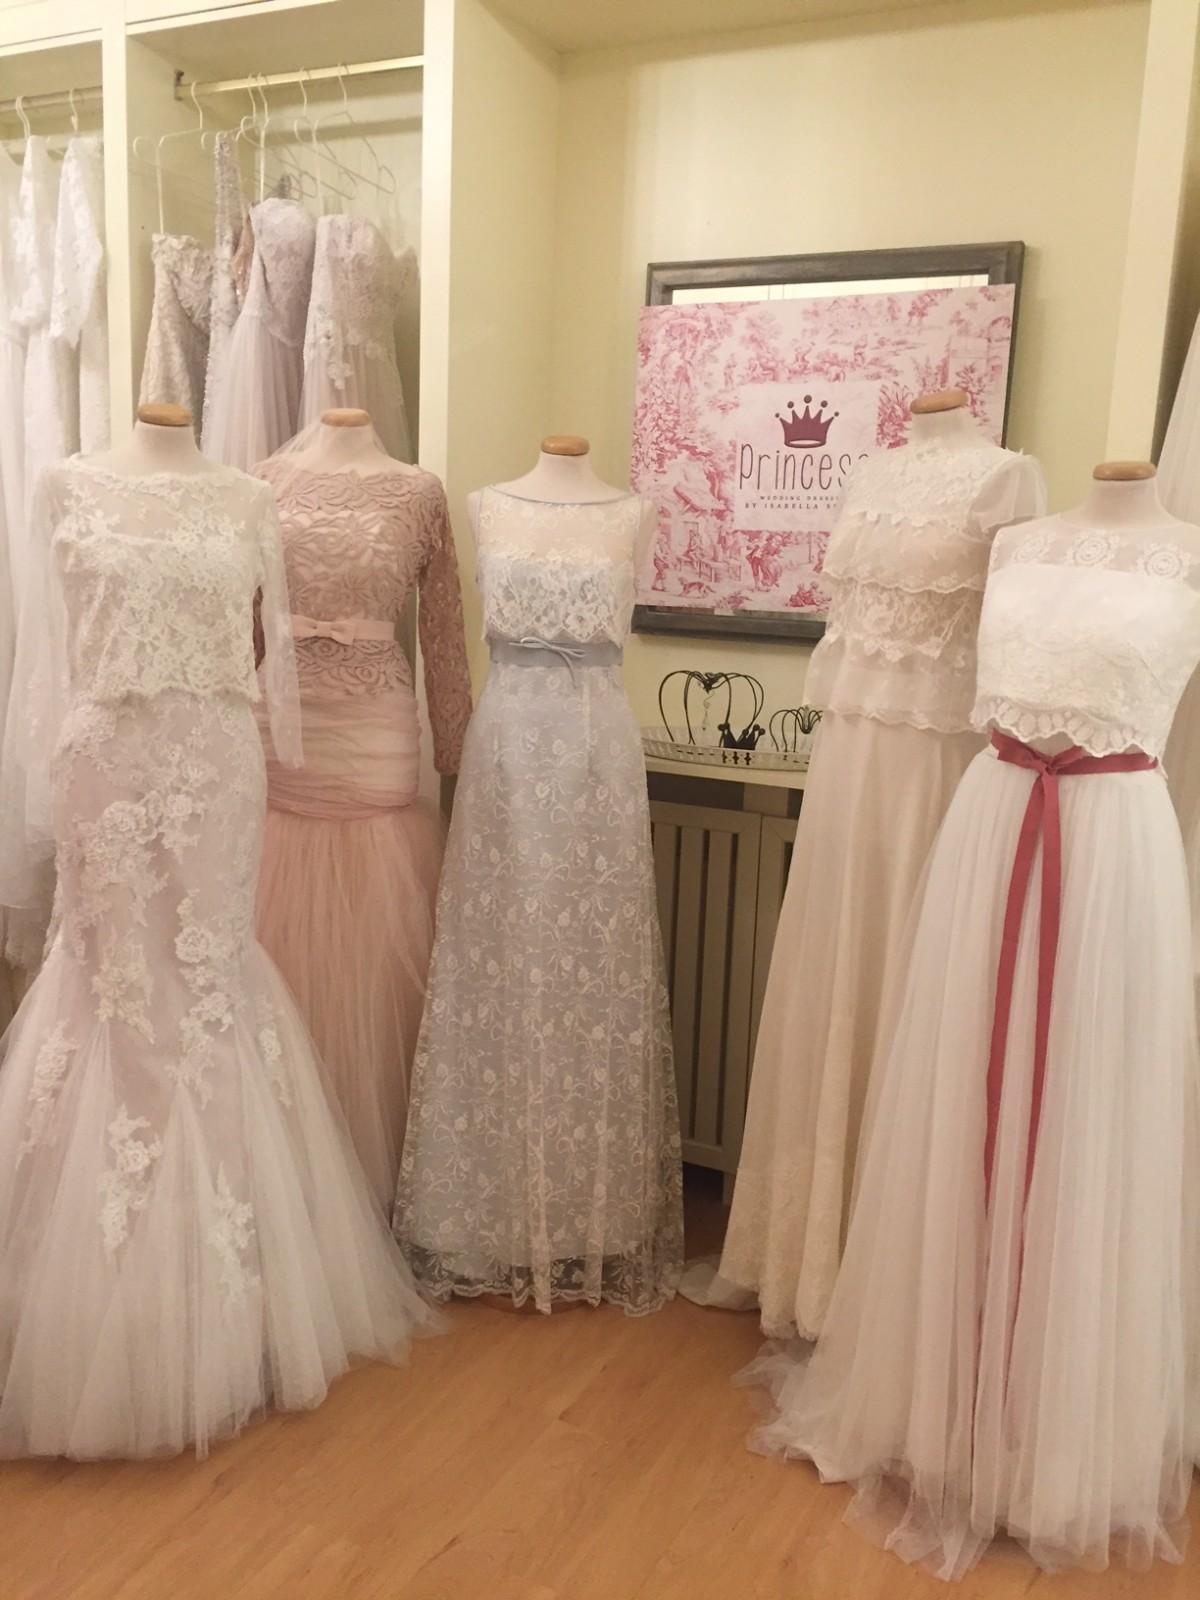 abiti da sposa Archivi - Matrimonio e Sposa 0e5da77df3a